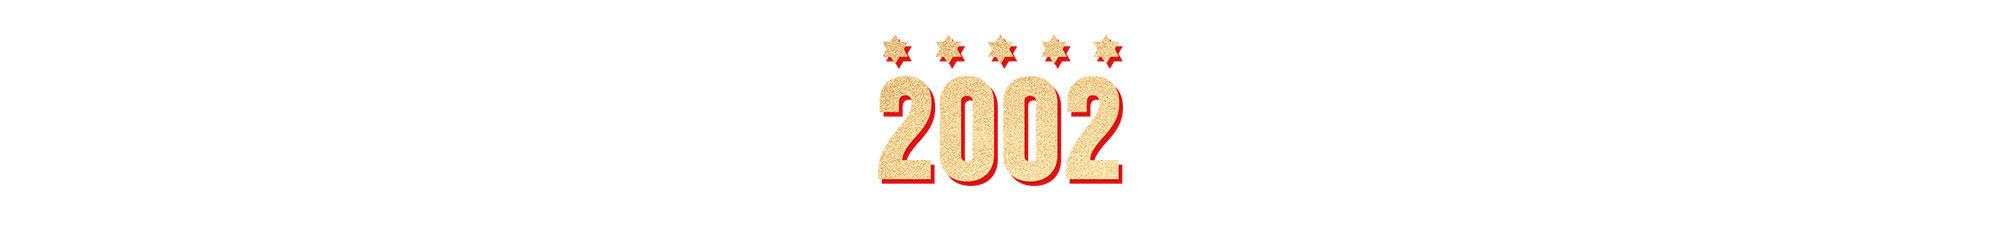 letterings_2002_